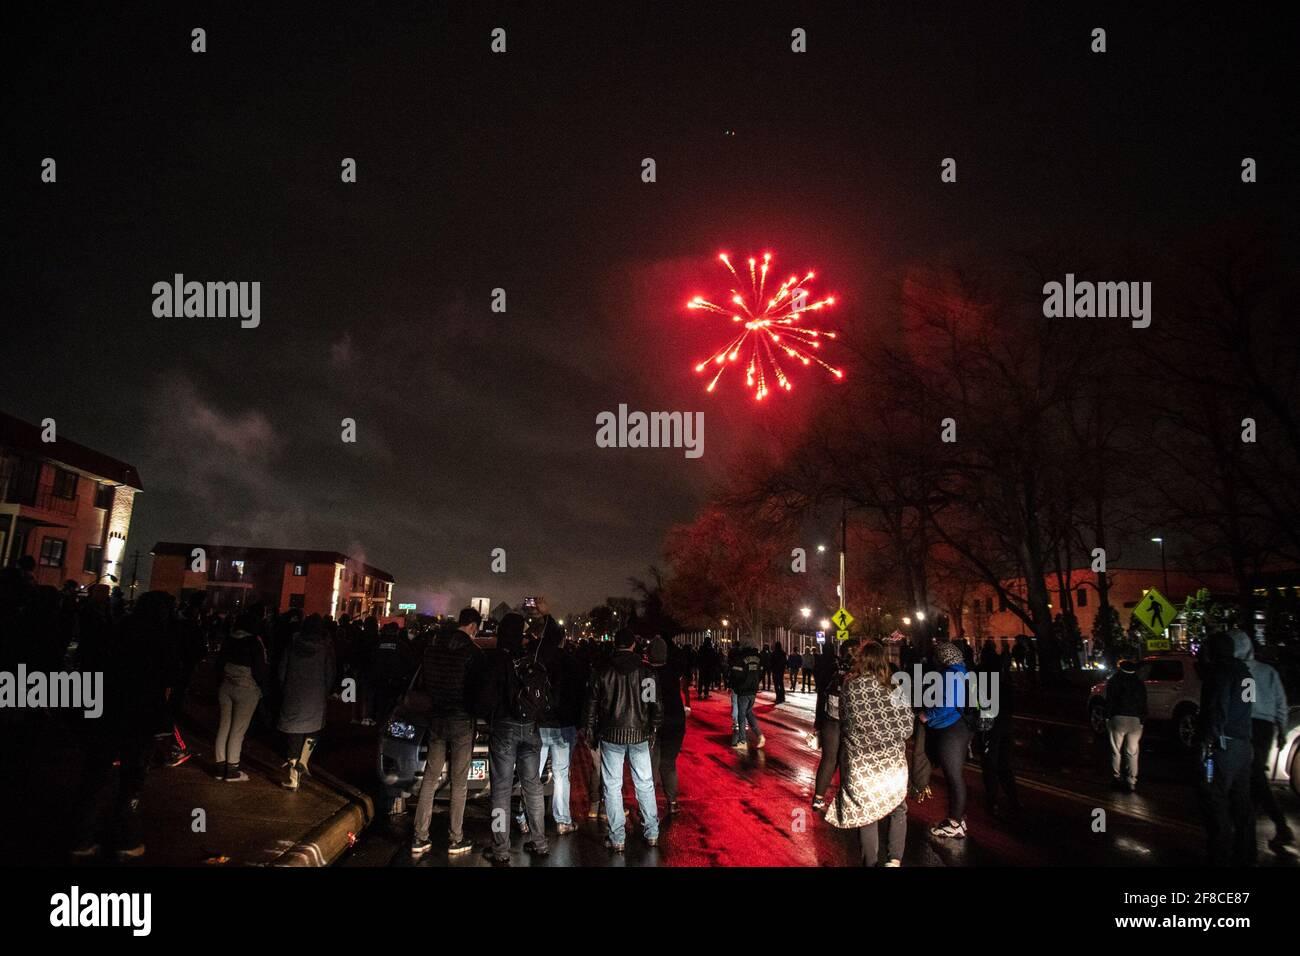 Brooklyn Center, Stati Uniti. 12 Aprile 2021. I manifestanti e gli ufficiali di polizia si scontrano fuori dal Brooklyn Center Police Department il 12 aprile 2021 a Brooklyn Center, Minnesota, dopo l'uccisione di Daunte Wright. Foto: Chris Tuite/ImageSPACE Credit: Imagespace/Alamy Live News Foto Stock